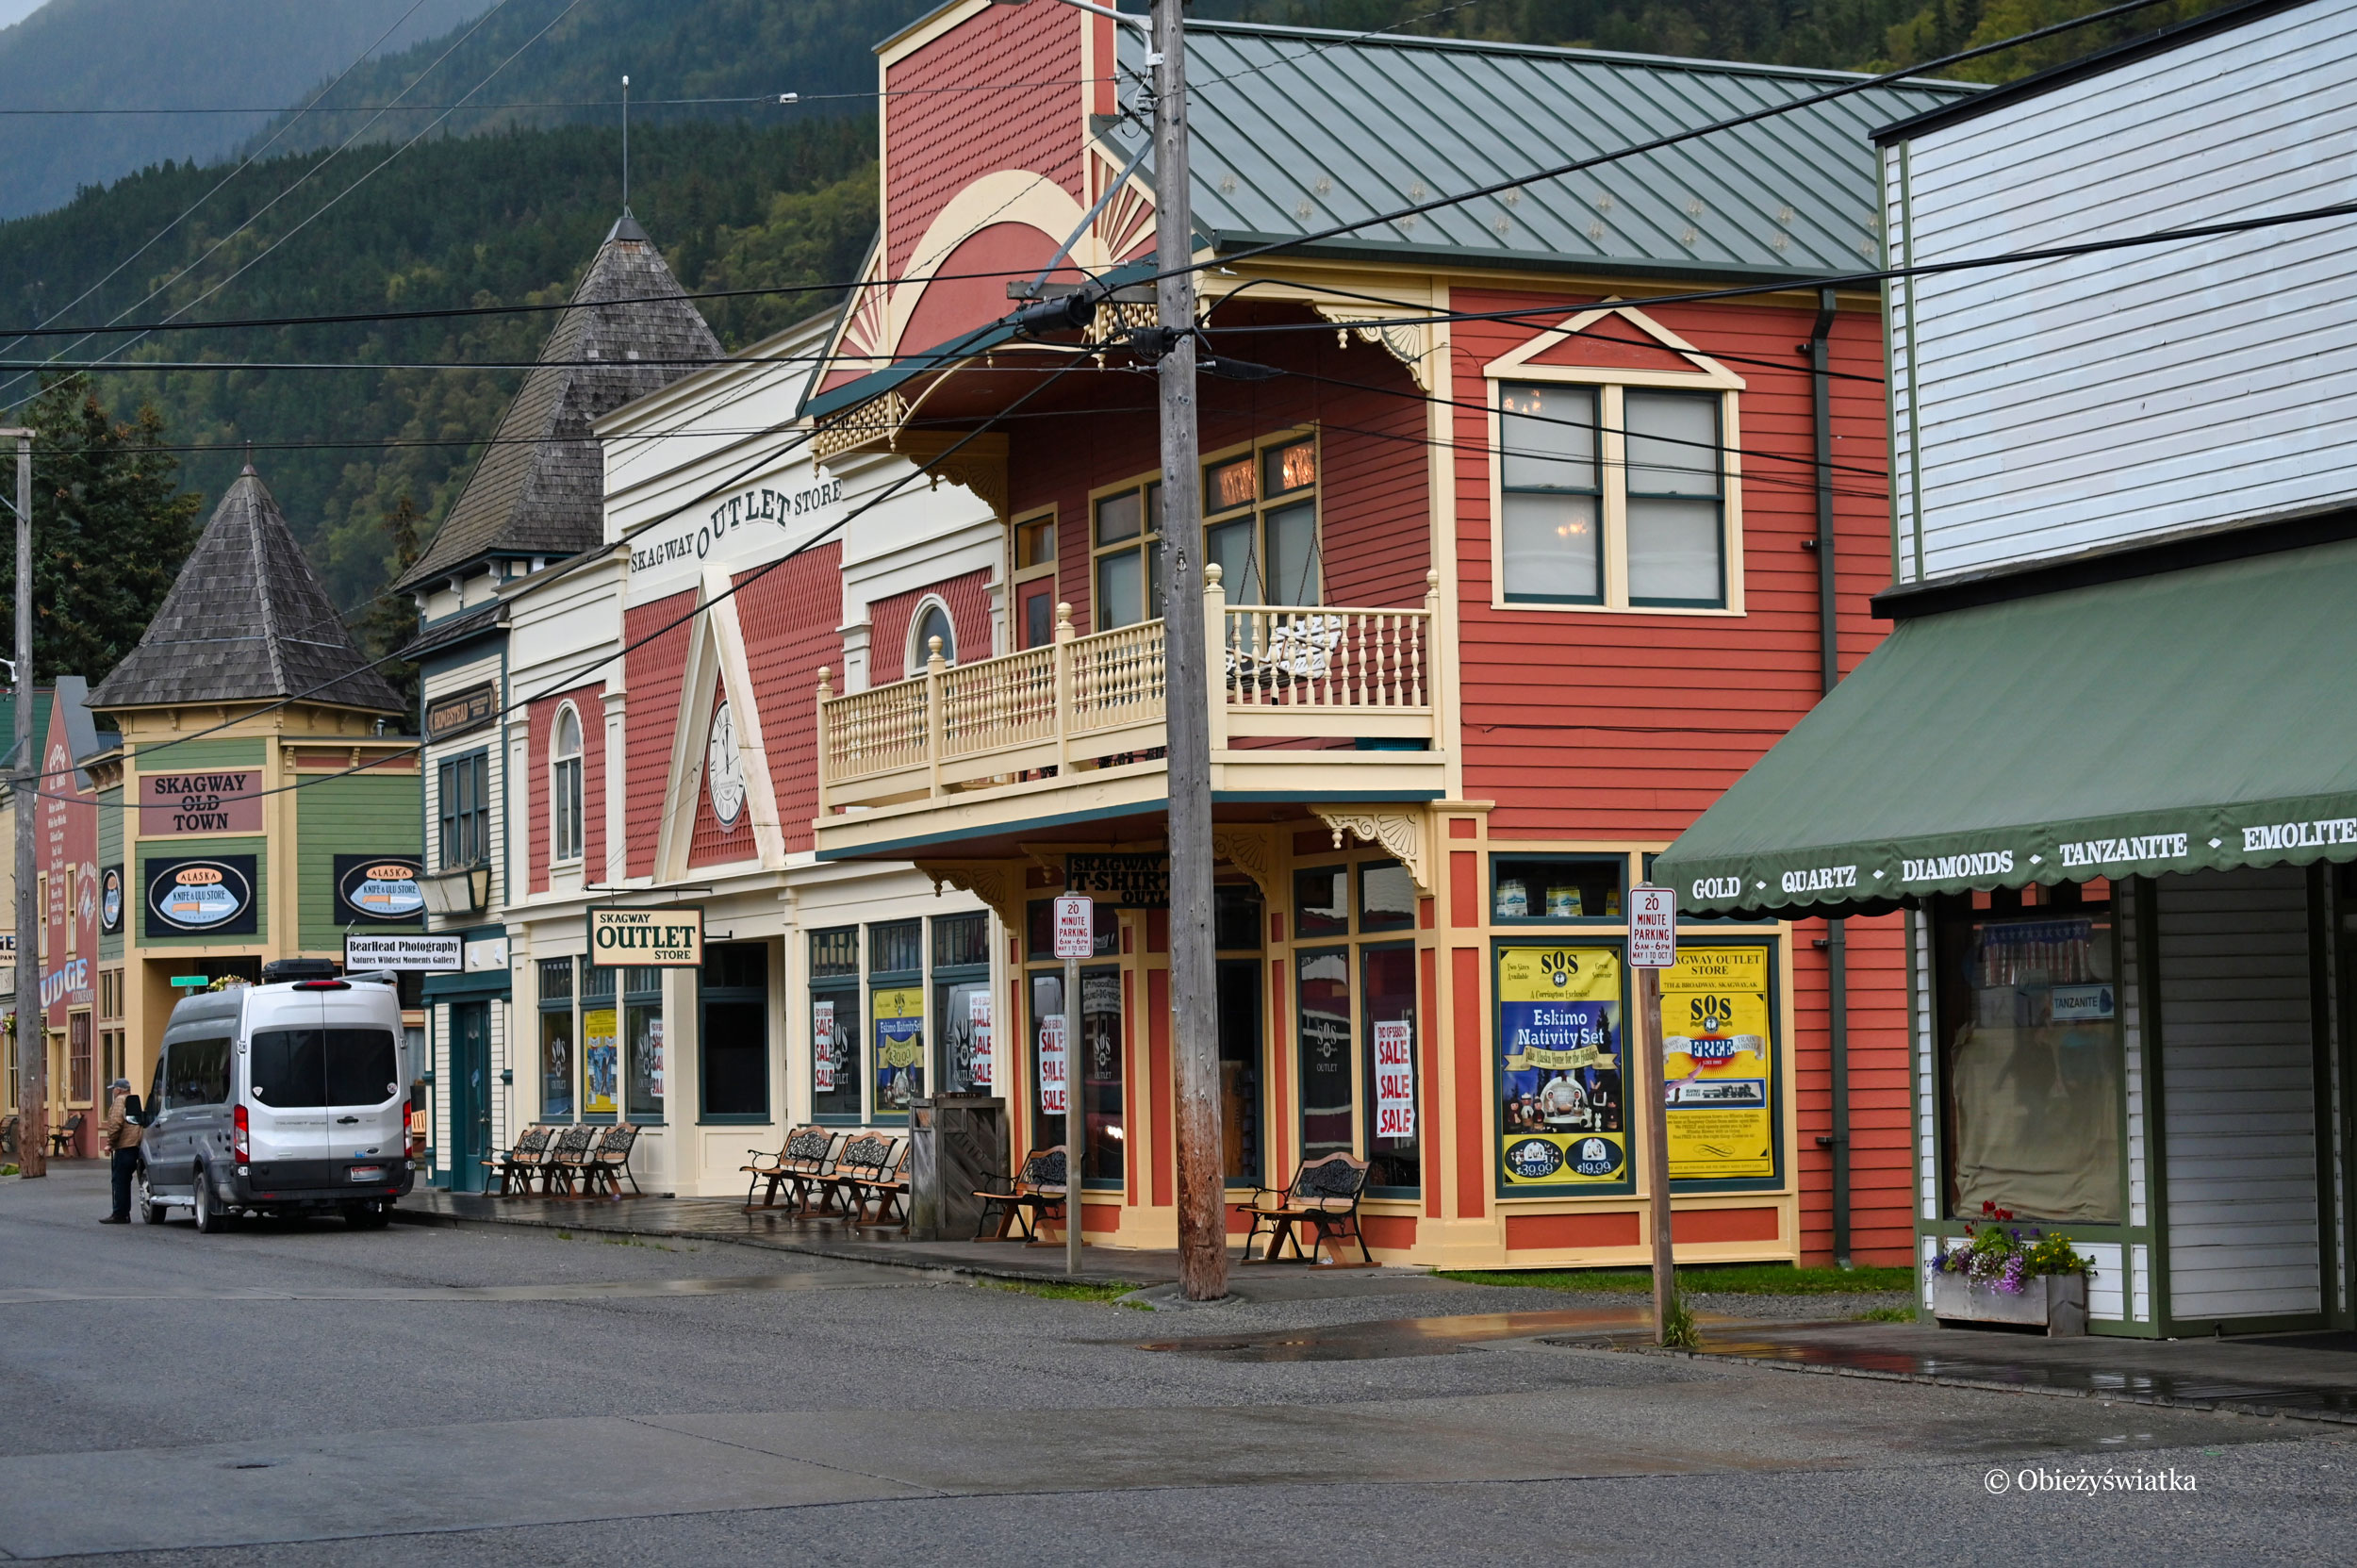 Wzdłuż głównej ulicy typowa północnoamerykańska drewniana zabudowa, Skagway, Alaska